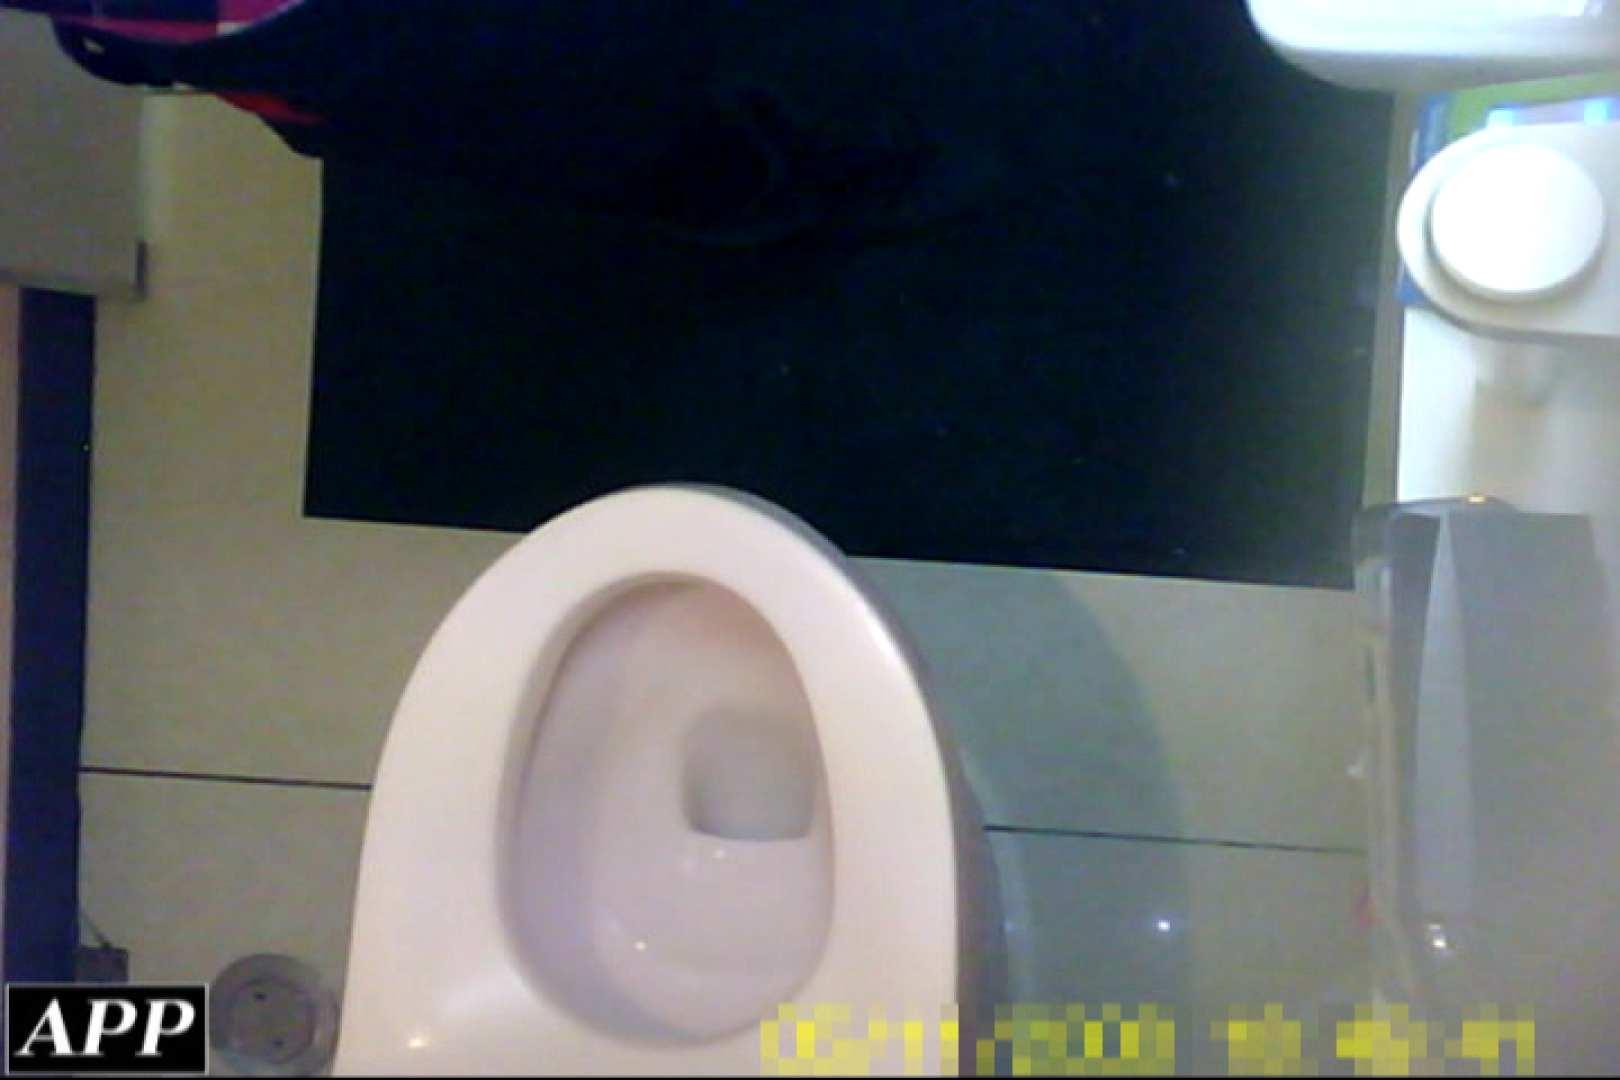 3視点洗面所 vol.60 肛門から・・ エロ画像 91枚